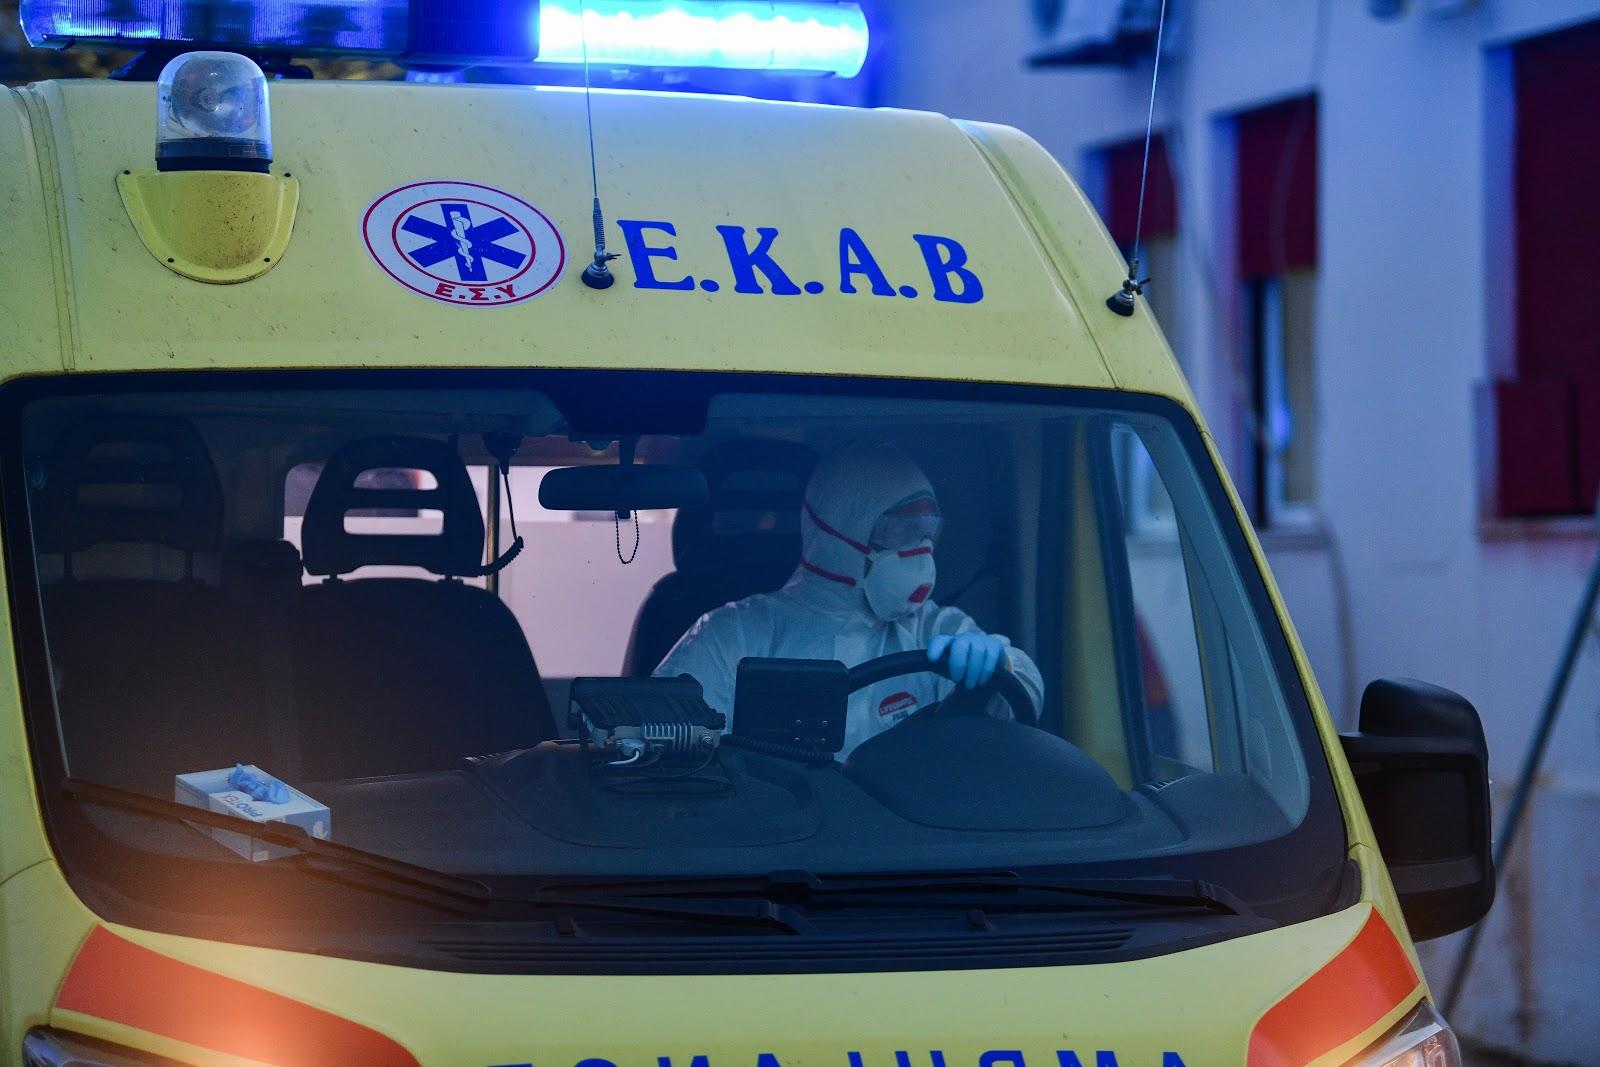 Θράκη: Νεκρός σε τροχαίο πατέρας, από τρακάρισμα με τον γιο